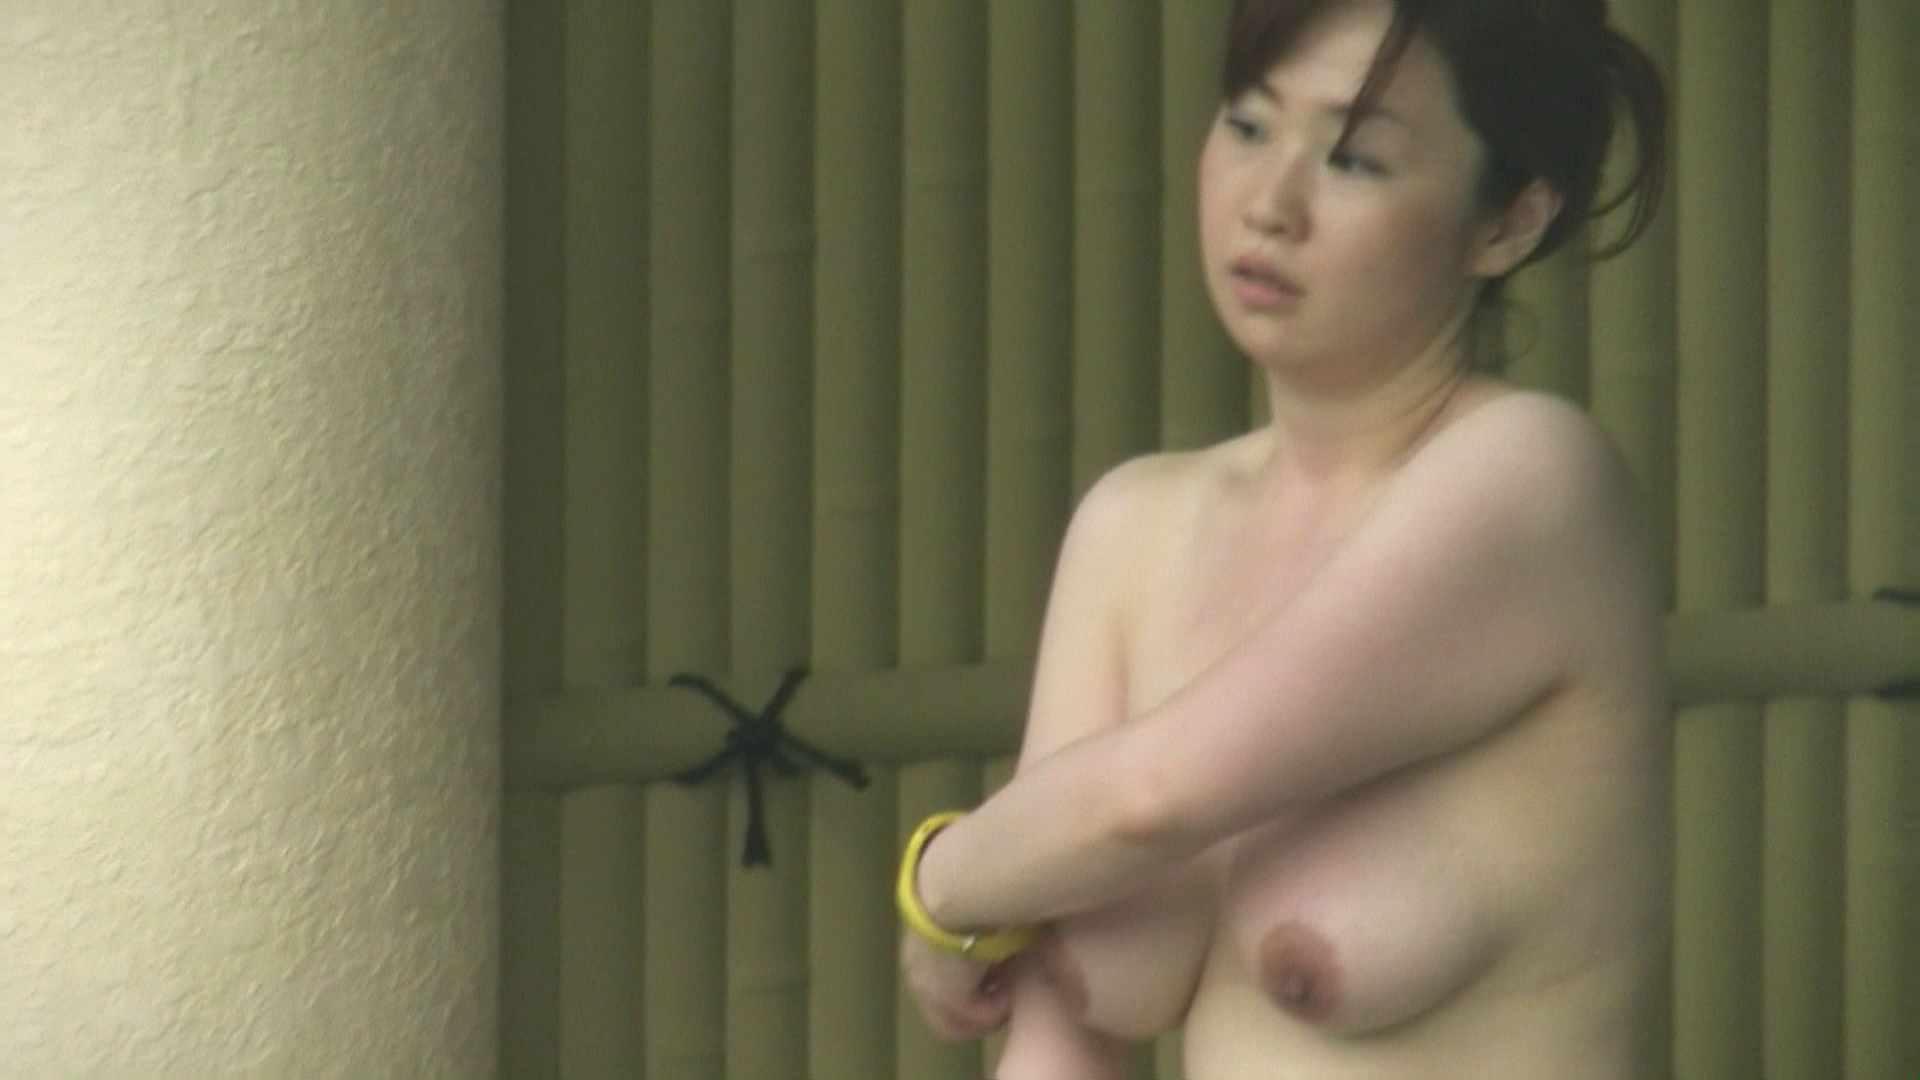 高画質露天女風呂観察 vol.033 OLセックス 隠し撮りおまんこ動画流出 57画像 9